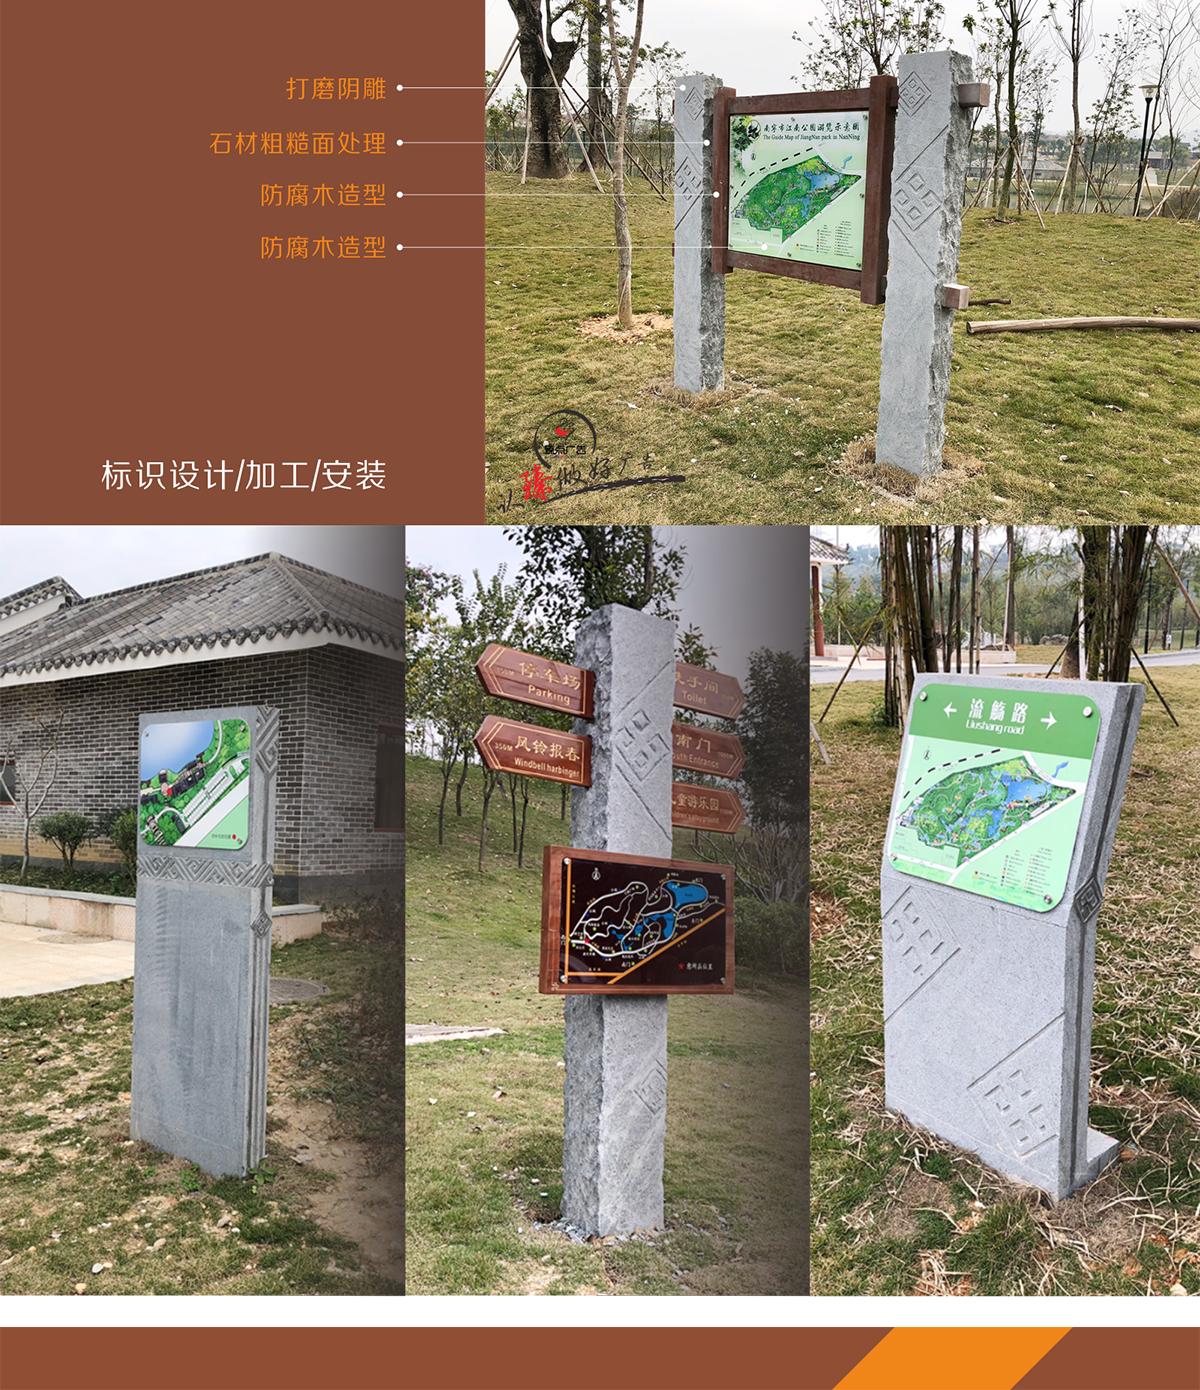 丝瓜app无限播放器江南公园园区标识牌设计加工安装_03.png